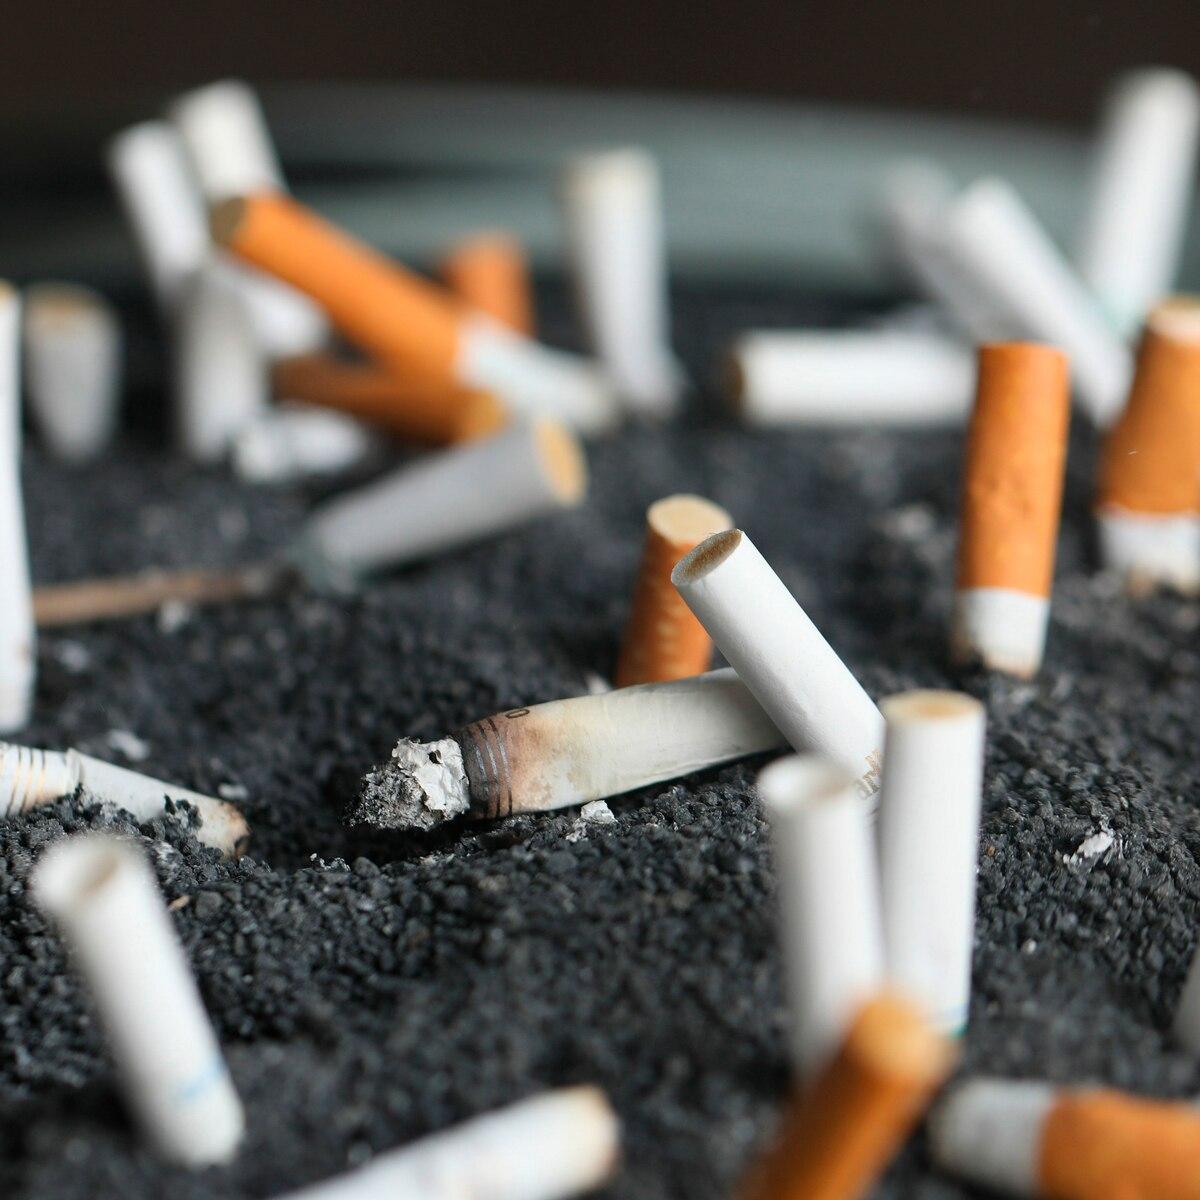 Fumar agrava el riesgo de sintomas severos por COVID-19